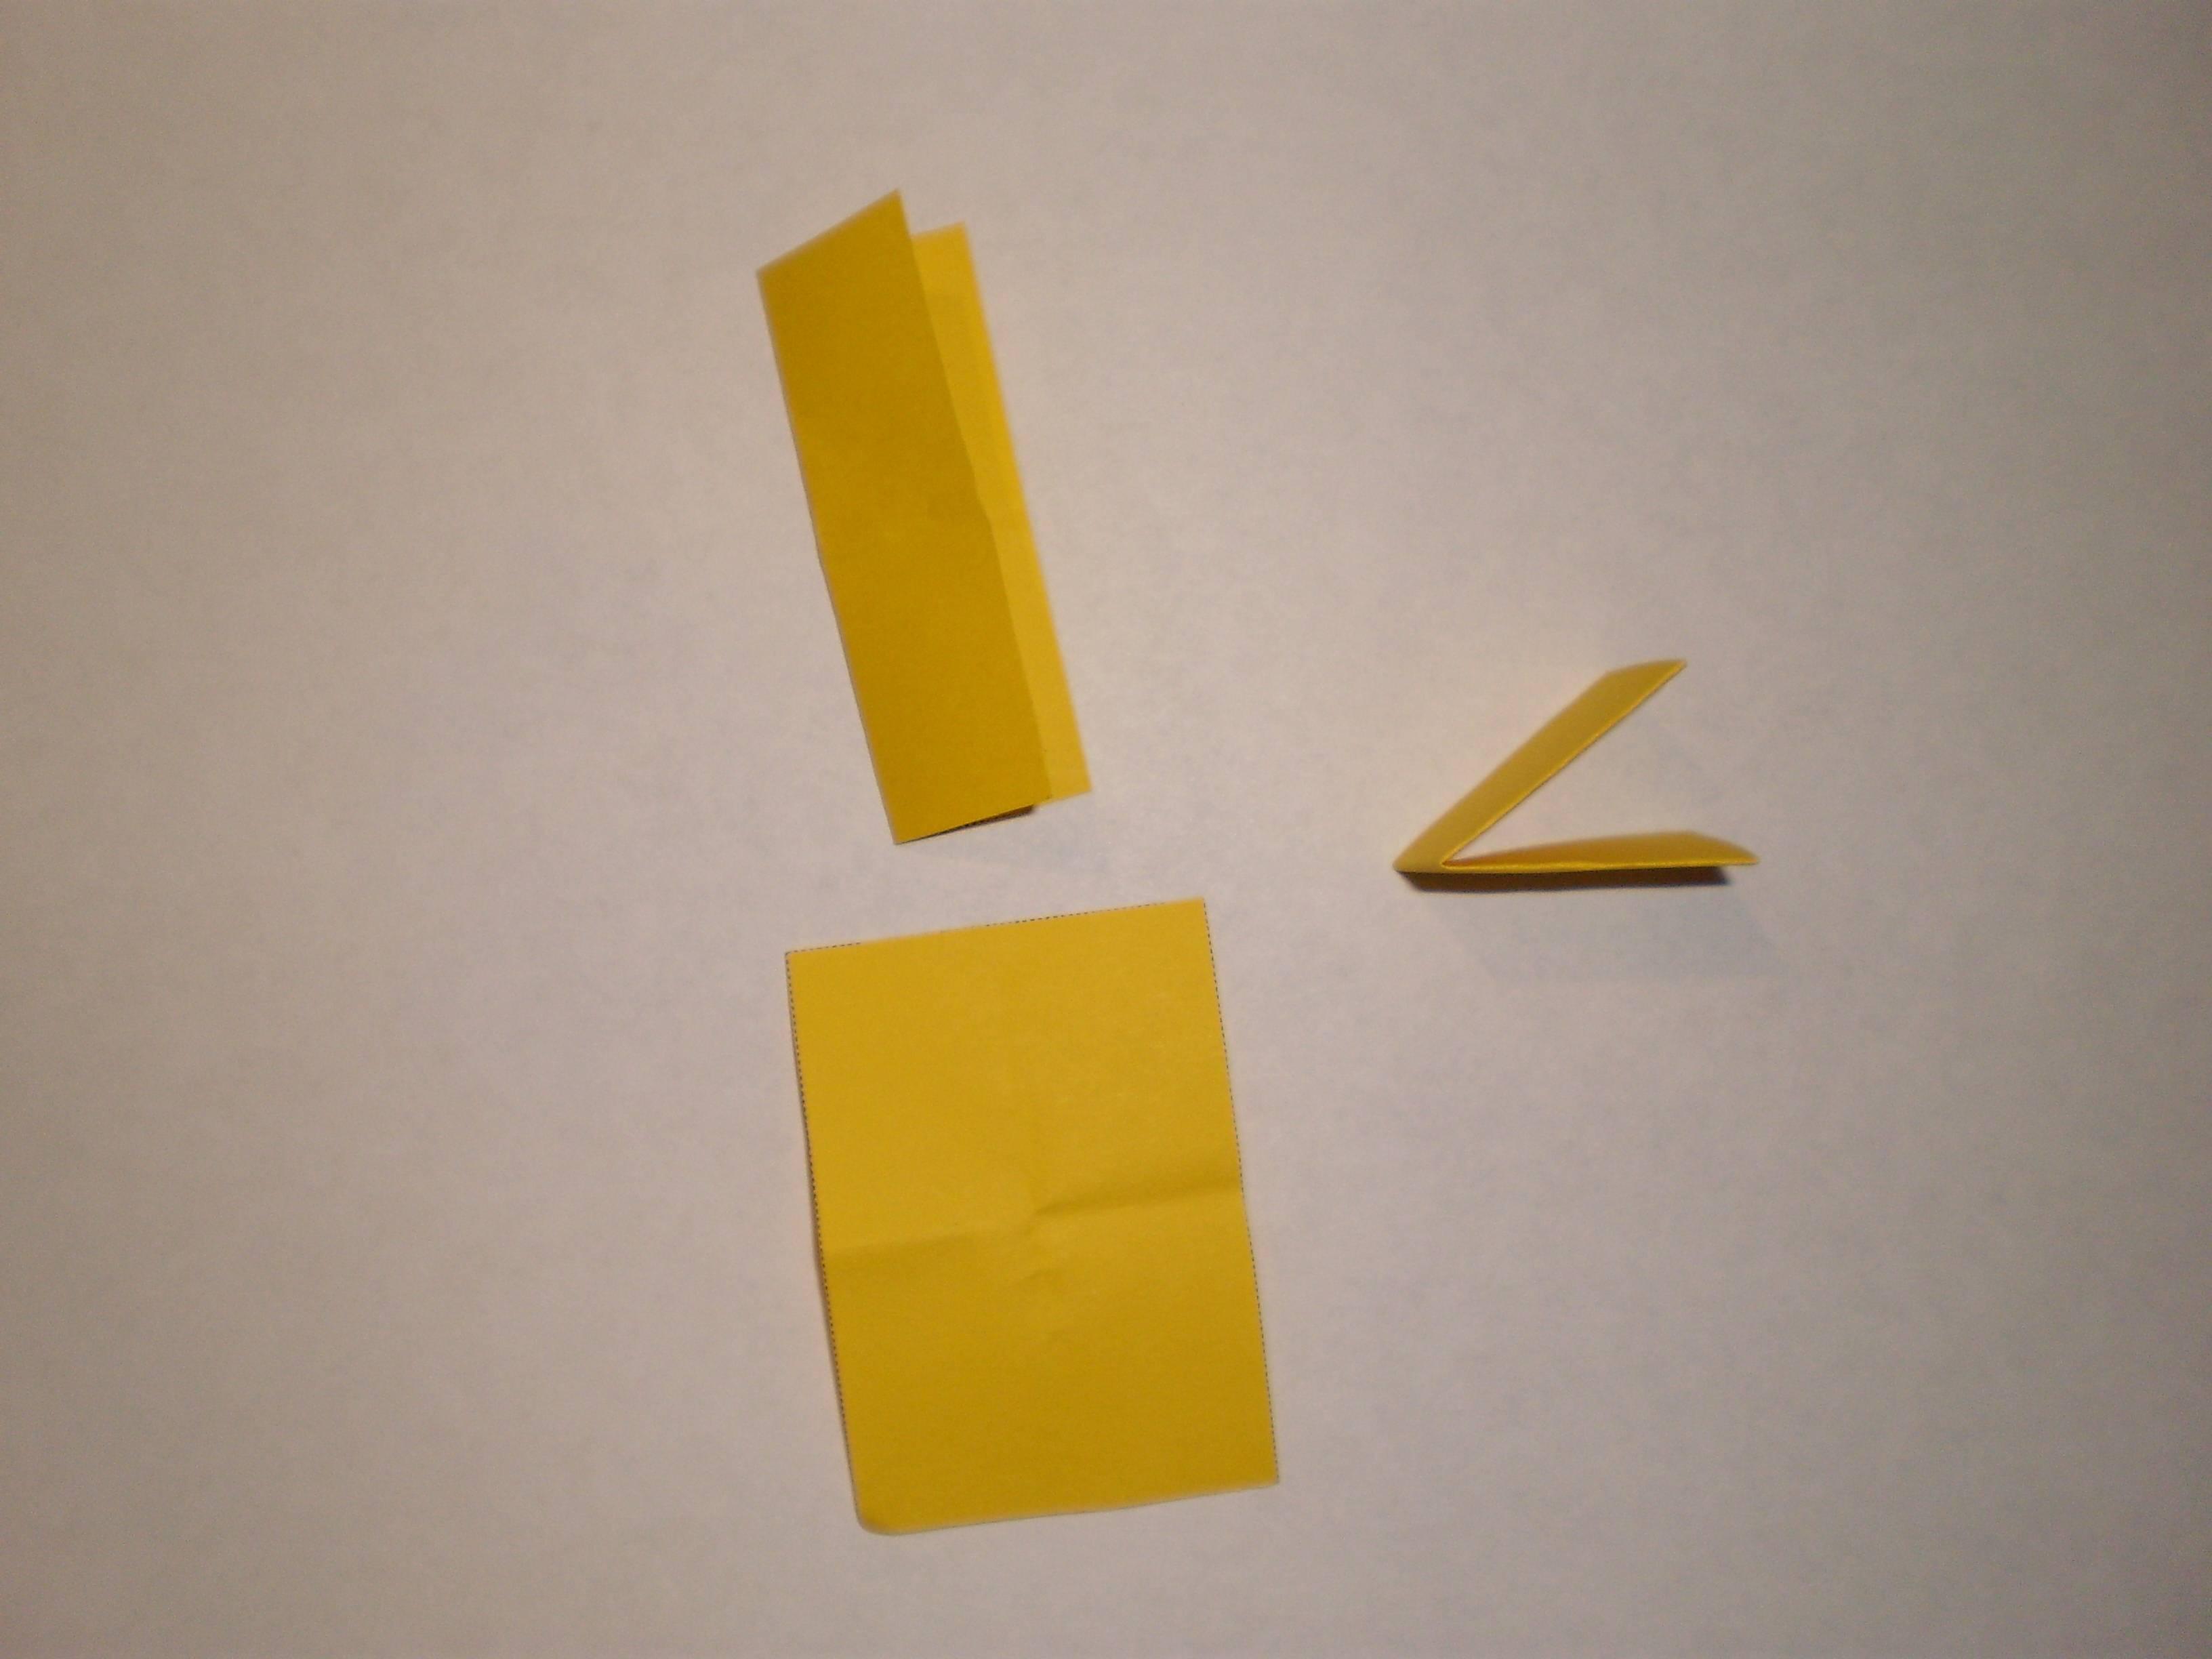 Набор участников на сборку Змеи - символ 2013. Модульное оригами! - Страница 5 Bc64d018e79fa9cf394d1e5e5c05d6f7